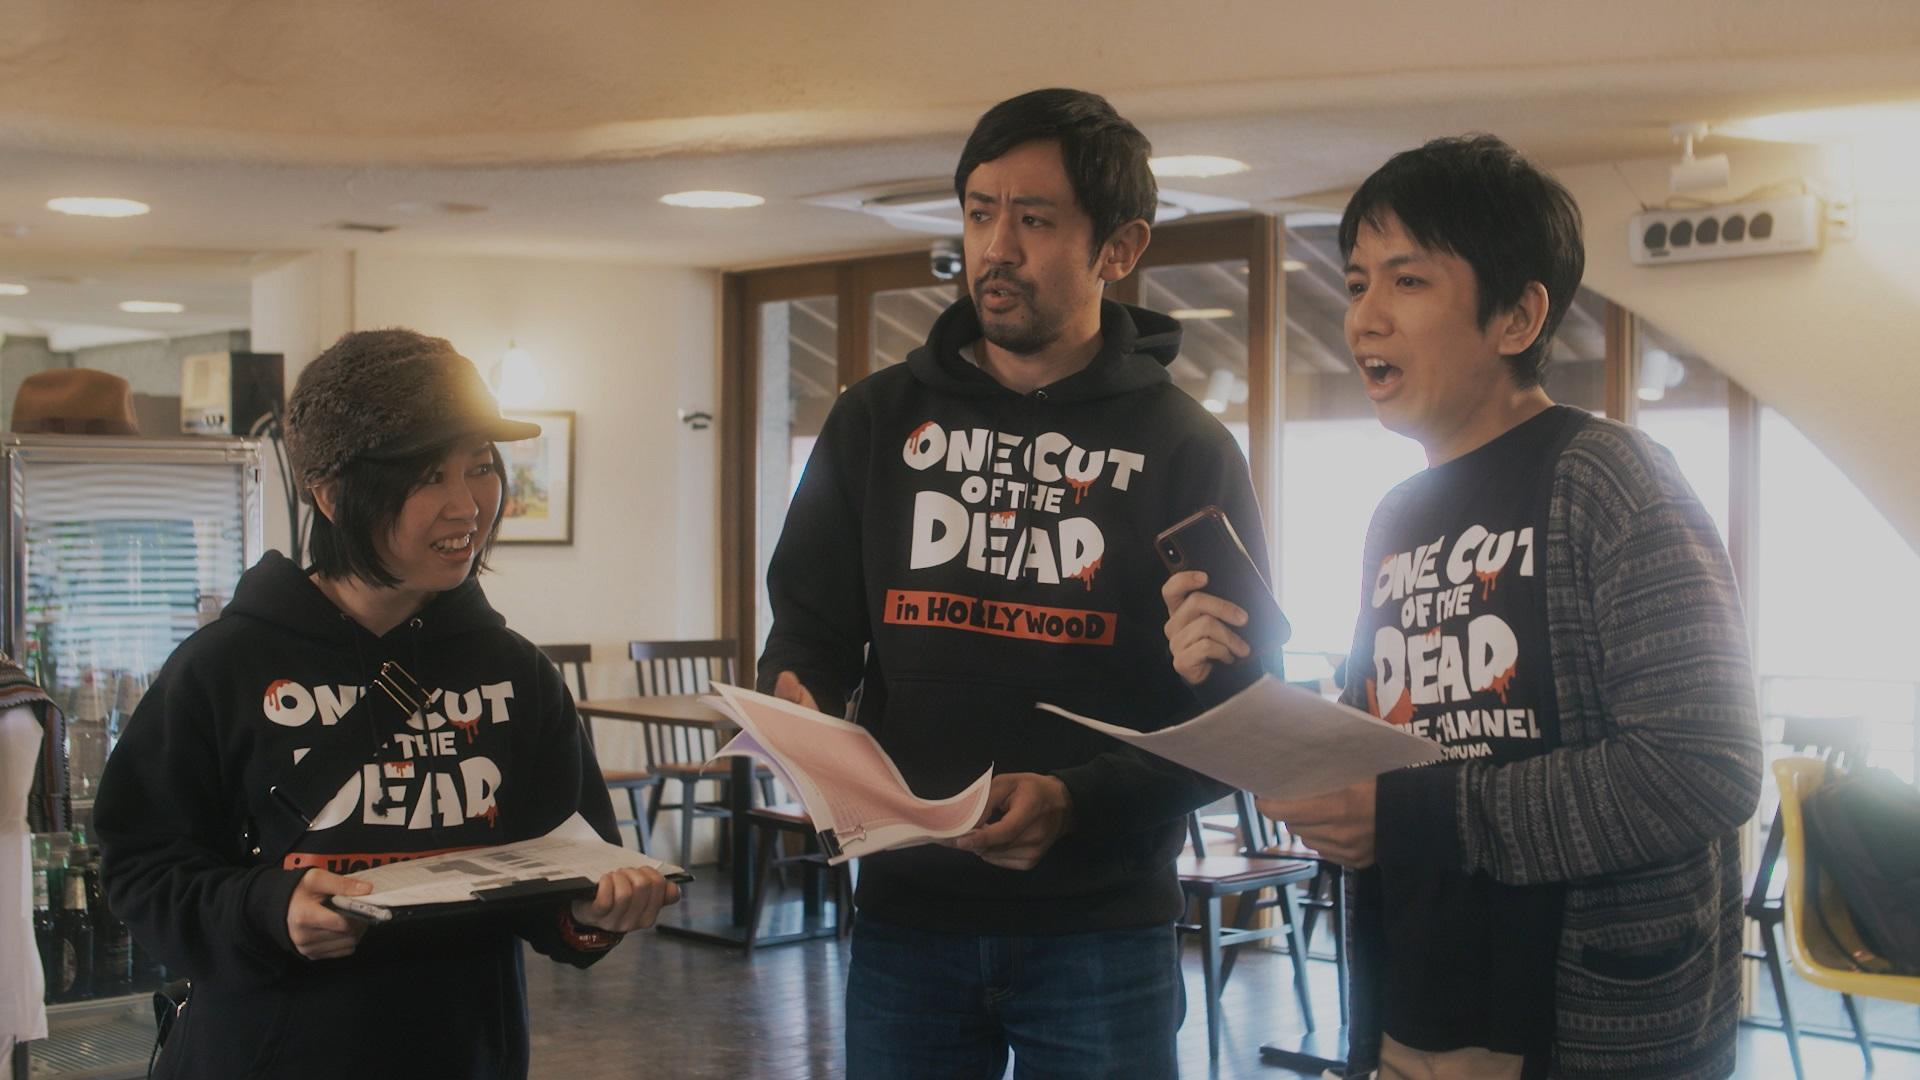 2018年最熱血的話題之作《一屍到底》首部番外篇《一屍到底番外篇:好萊塢大作戰!》即將登台上映!